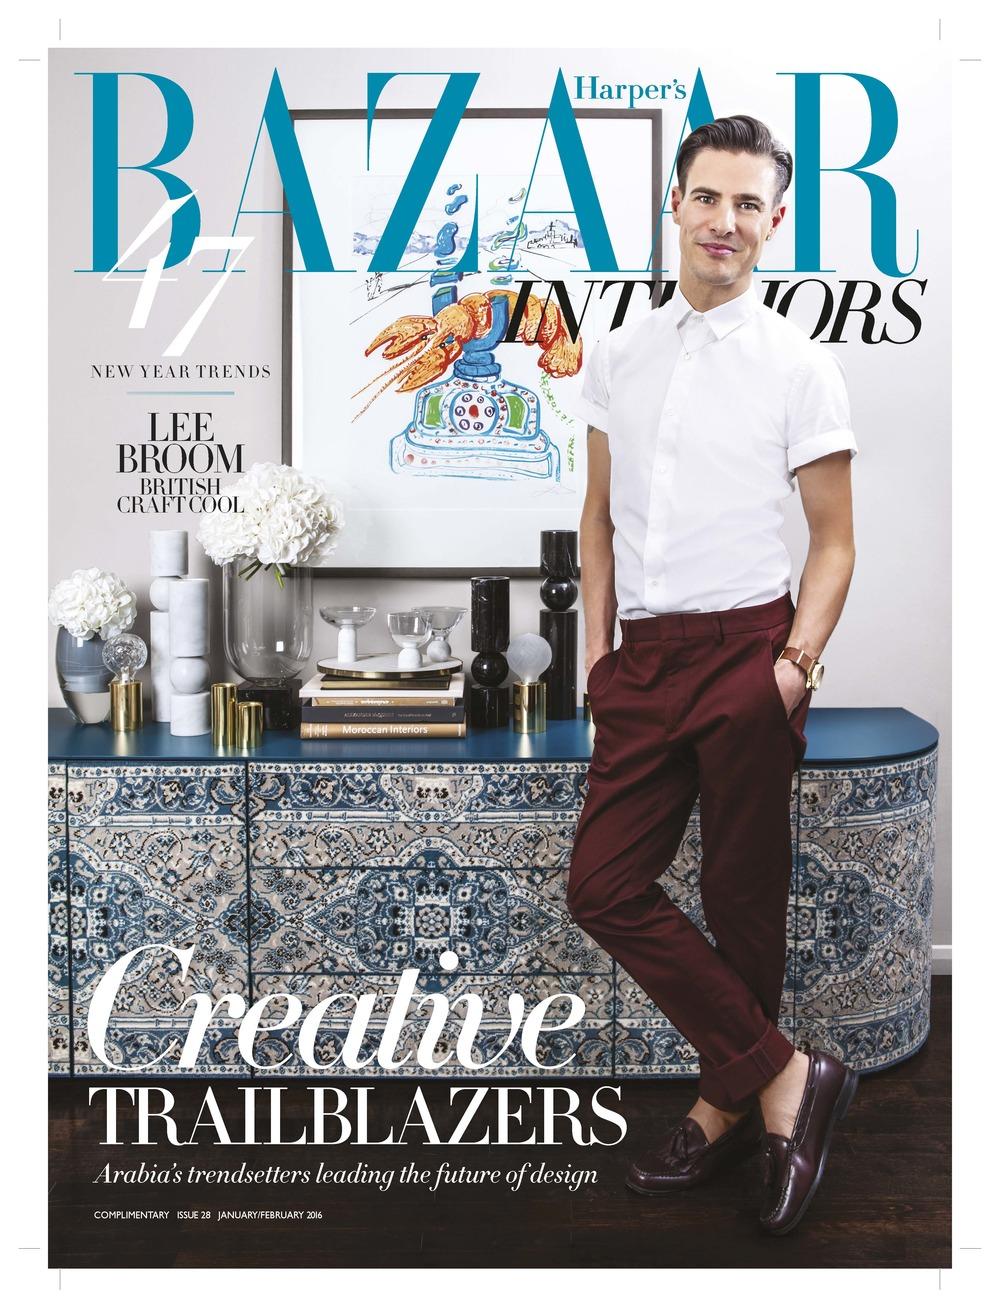 Harpers Bazaar Interiors - Chalet N - February 16_Page_1.jpg